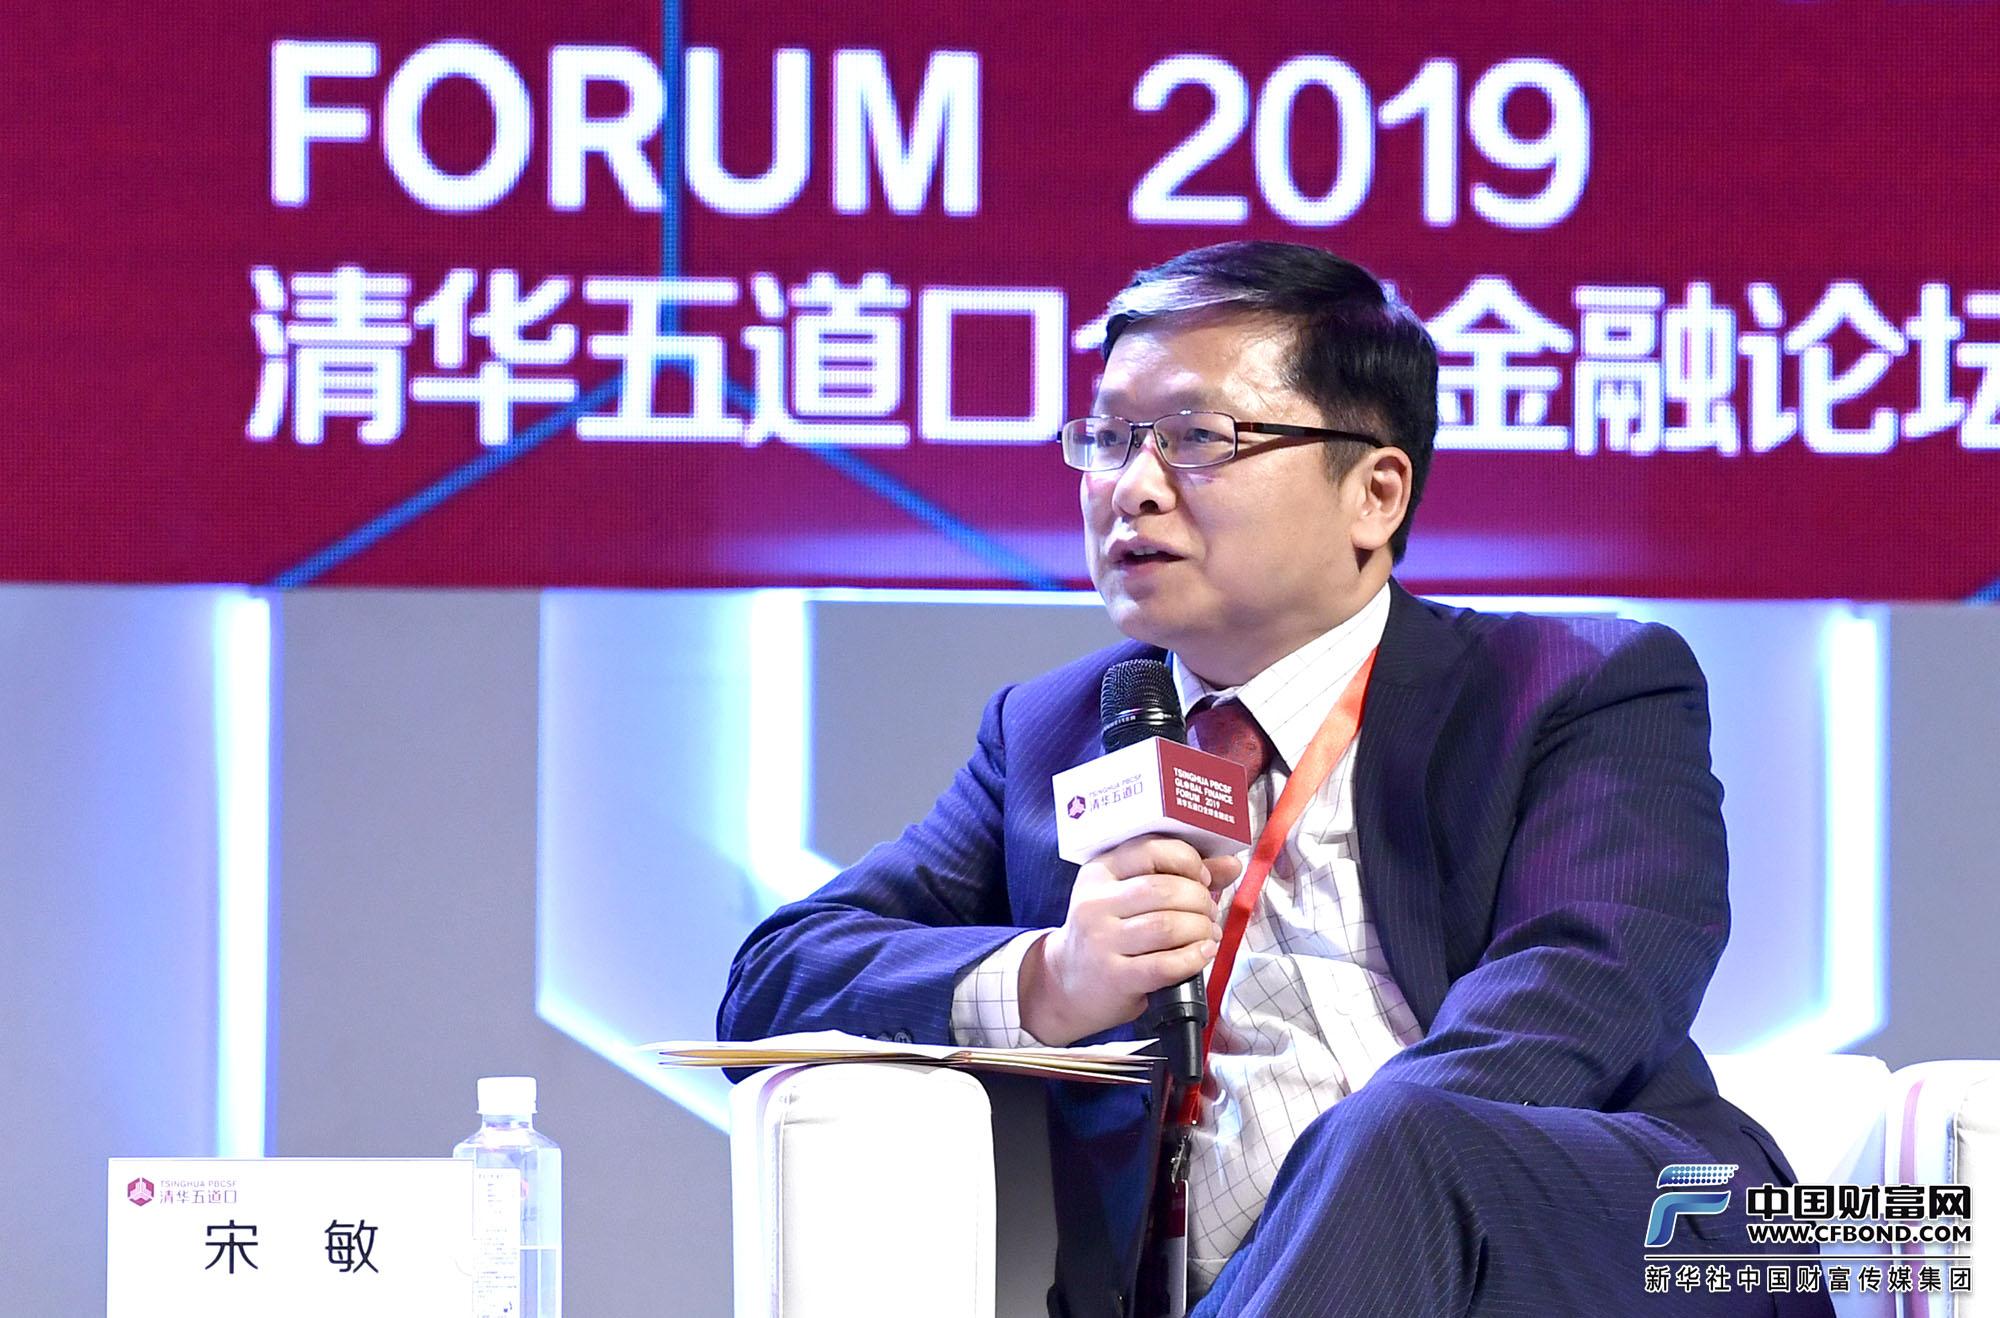 演讲嘉宾:武汉大学经济与管理学院院长宋敏